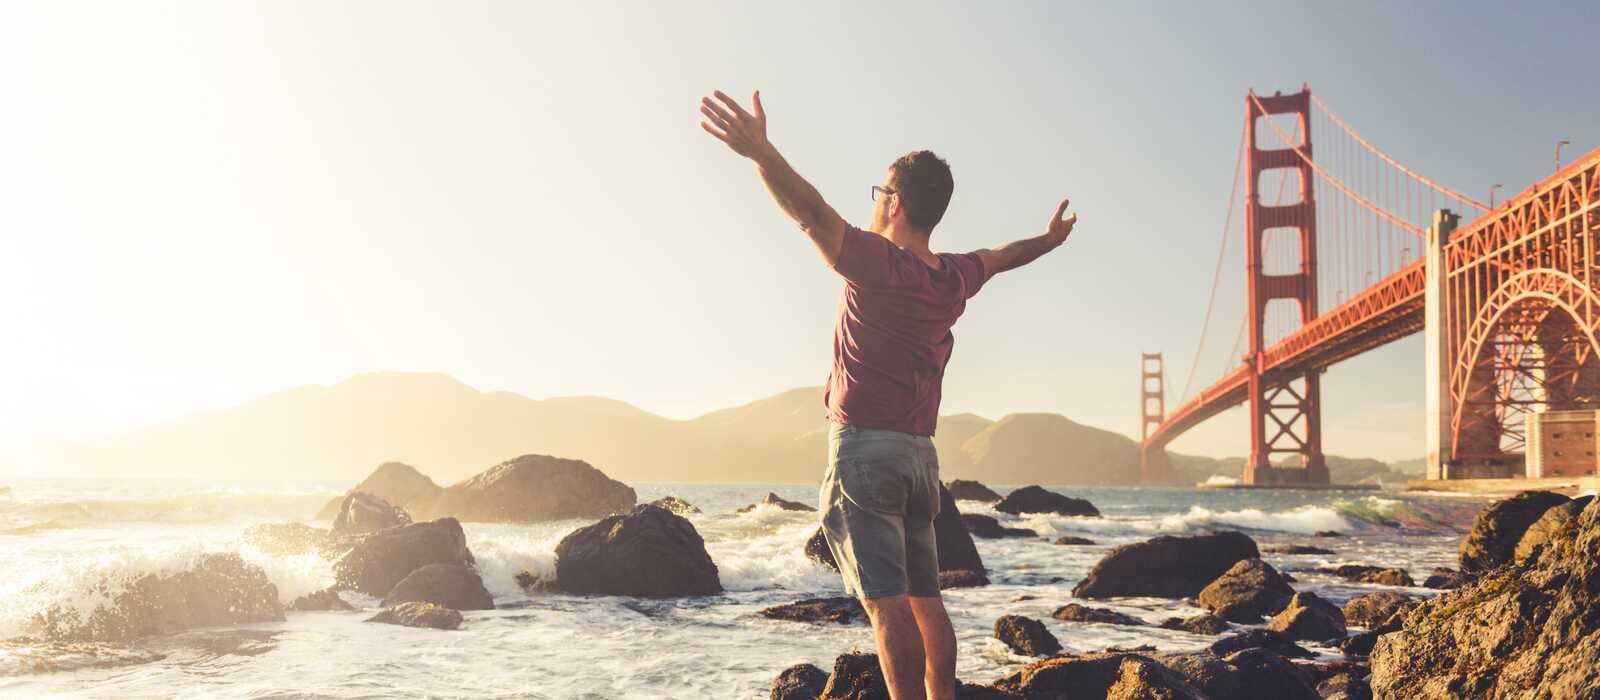 Ein perfekter Moment vor der spektakulären Golden Gate Bridge